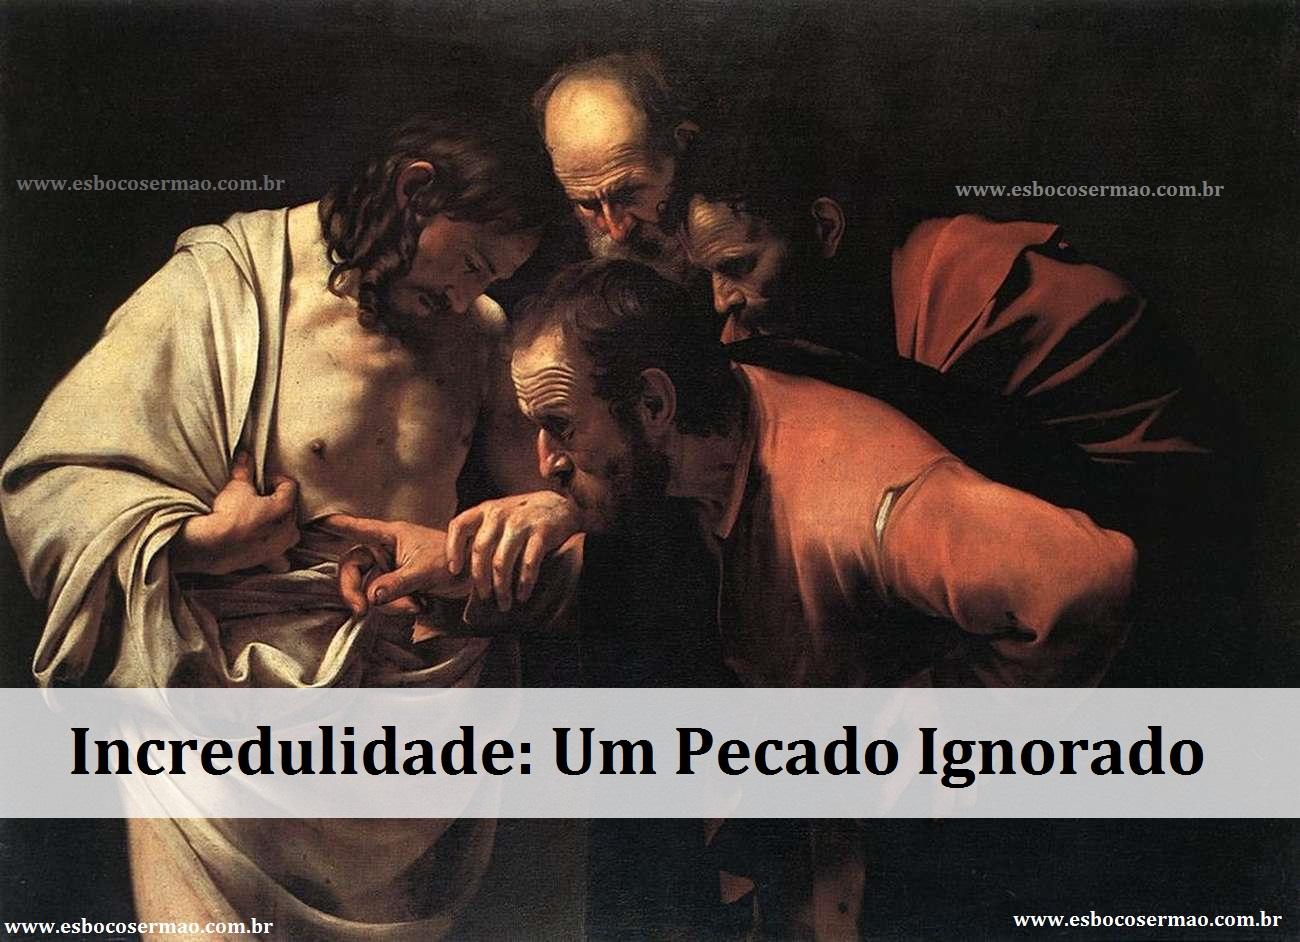 Incredulidade: Um Pecado Ignorado